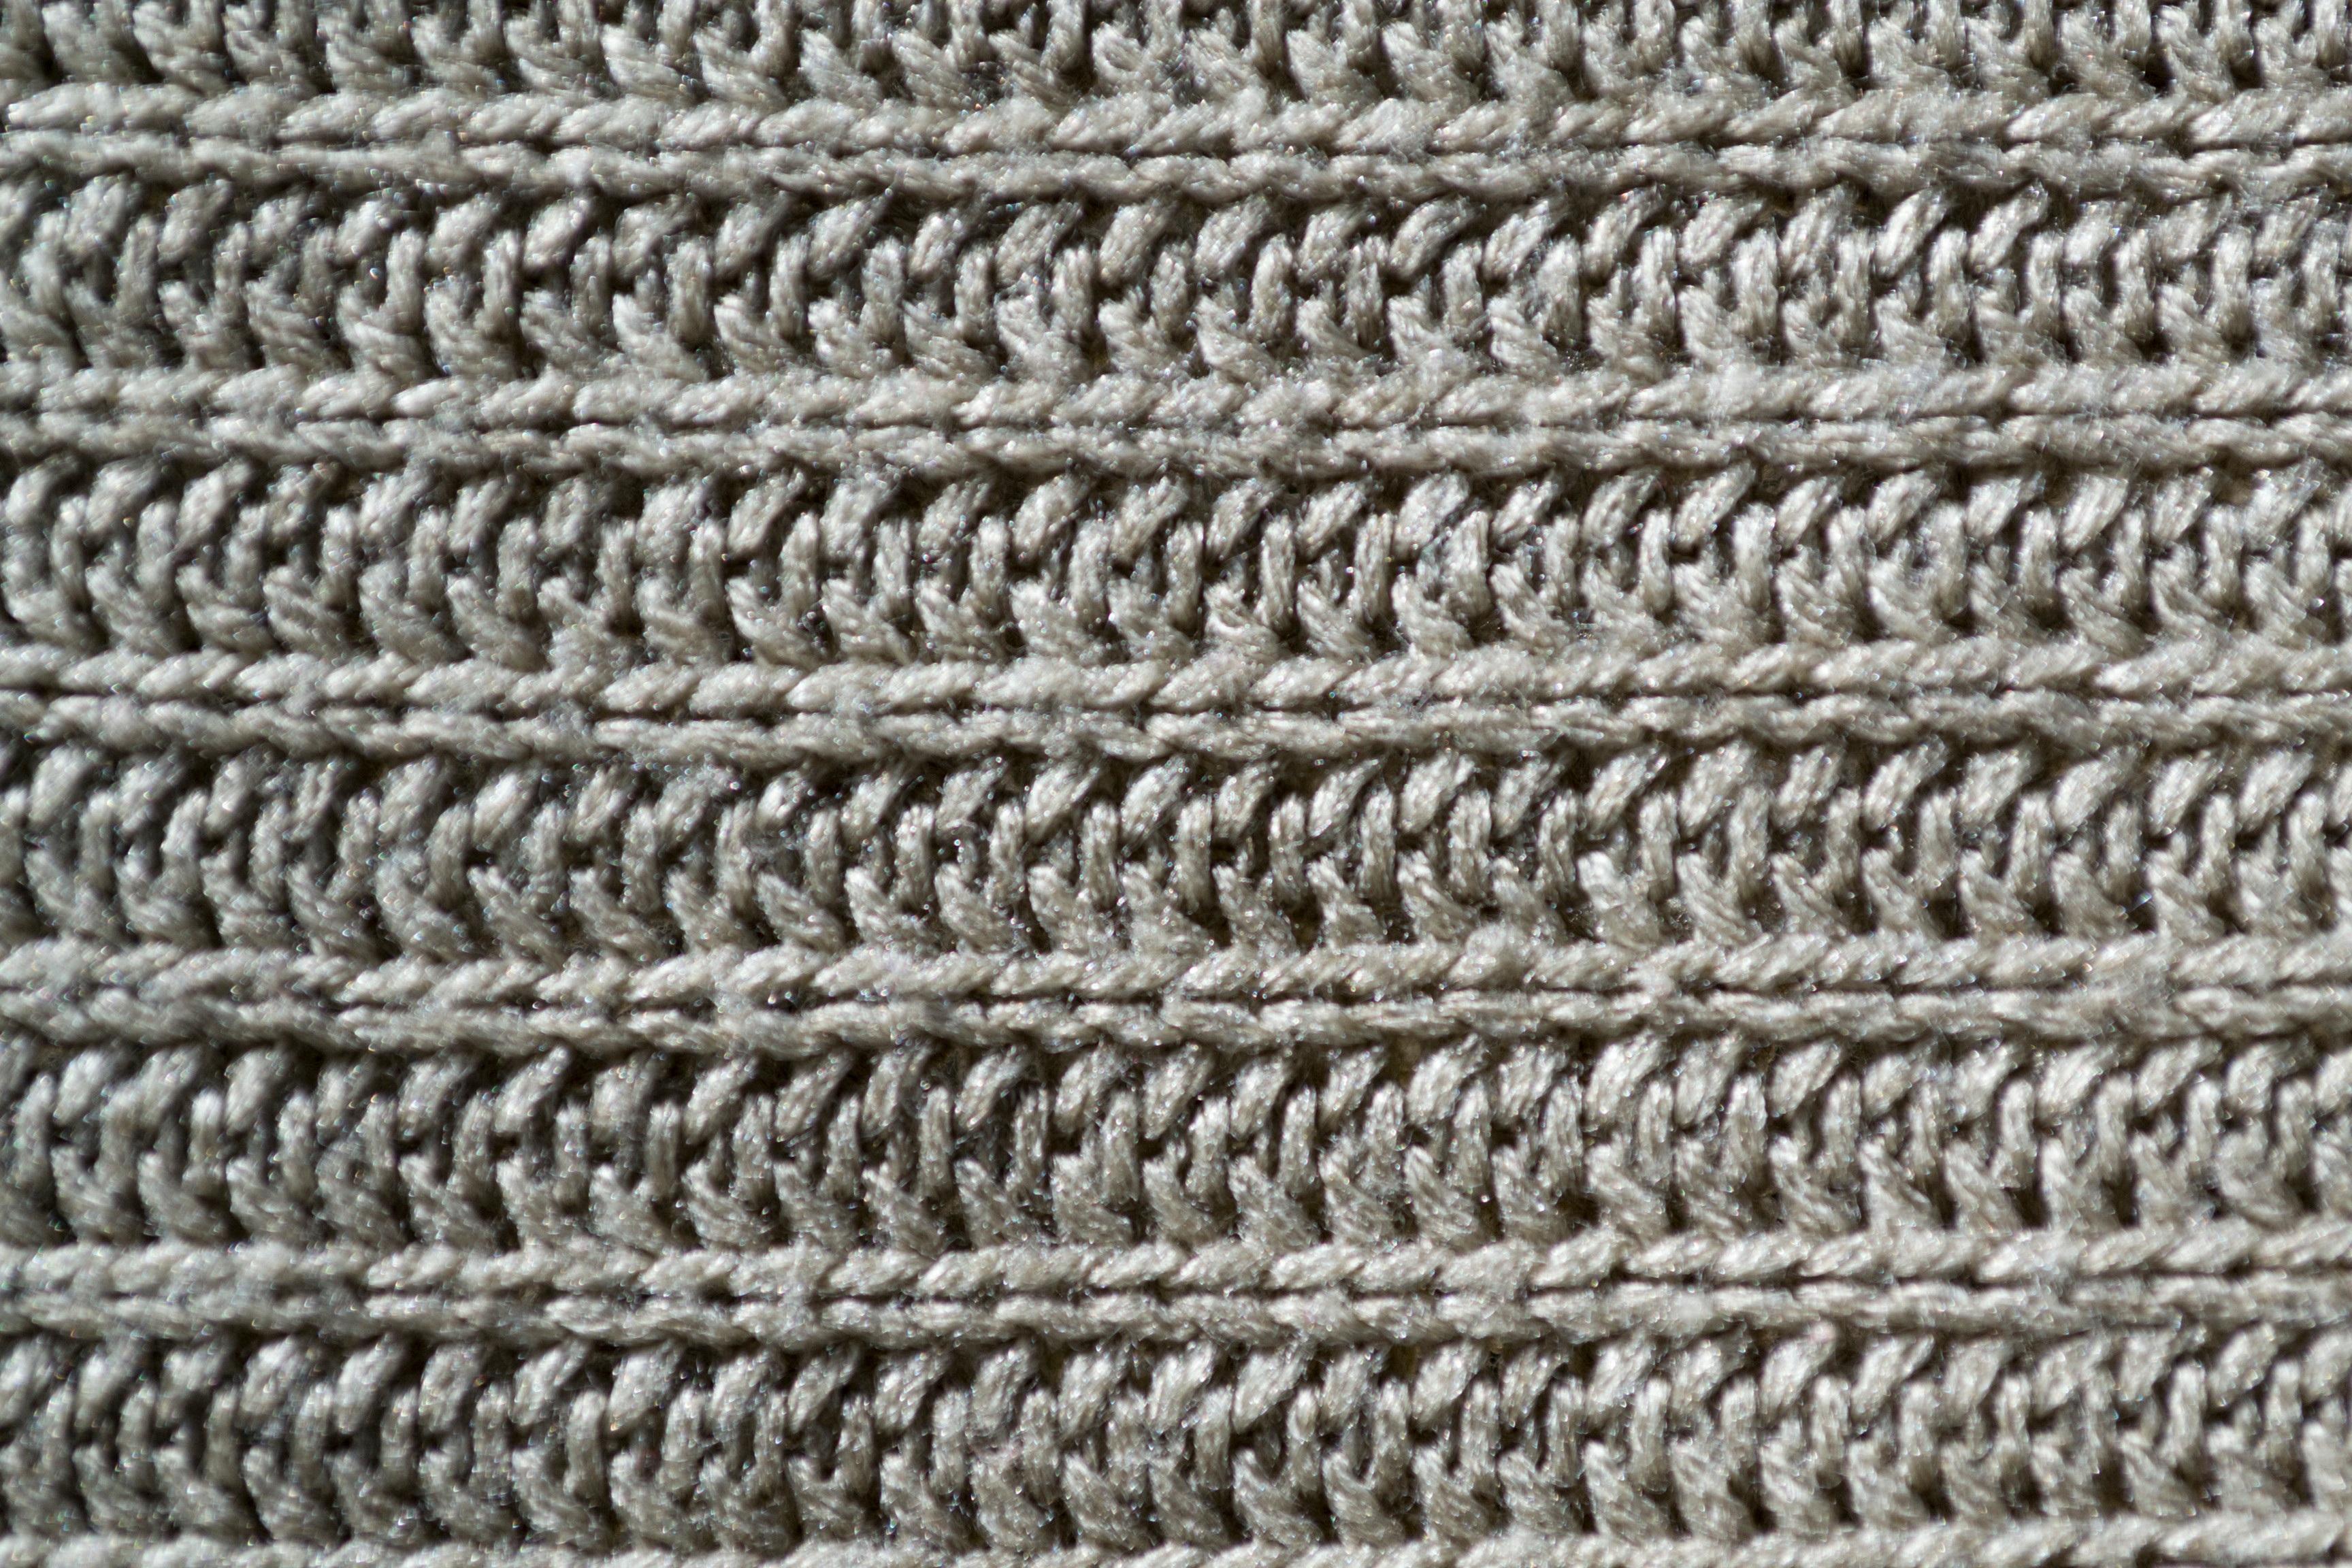 Fotos gratis : patrón, capa, lana, material, tejer, textil, art, red ...